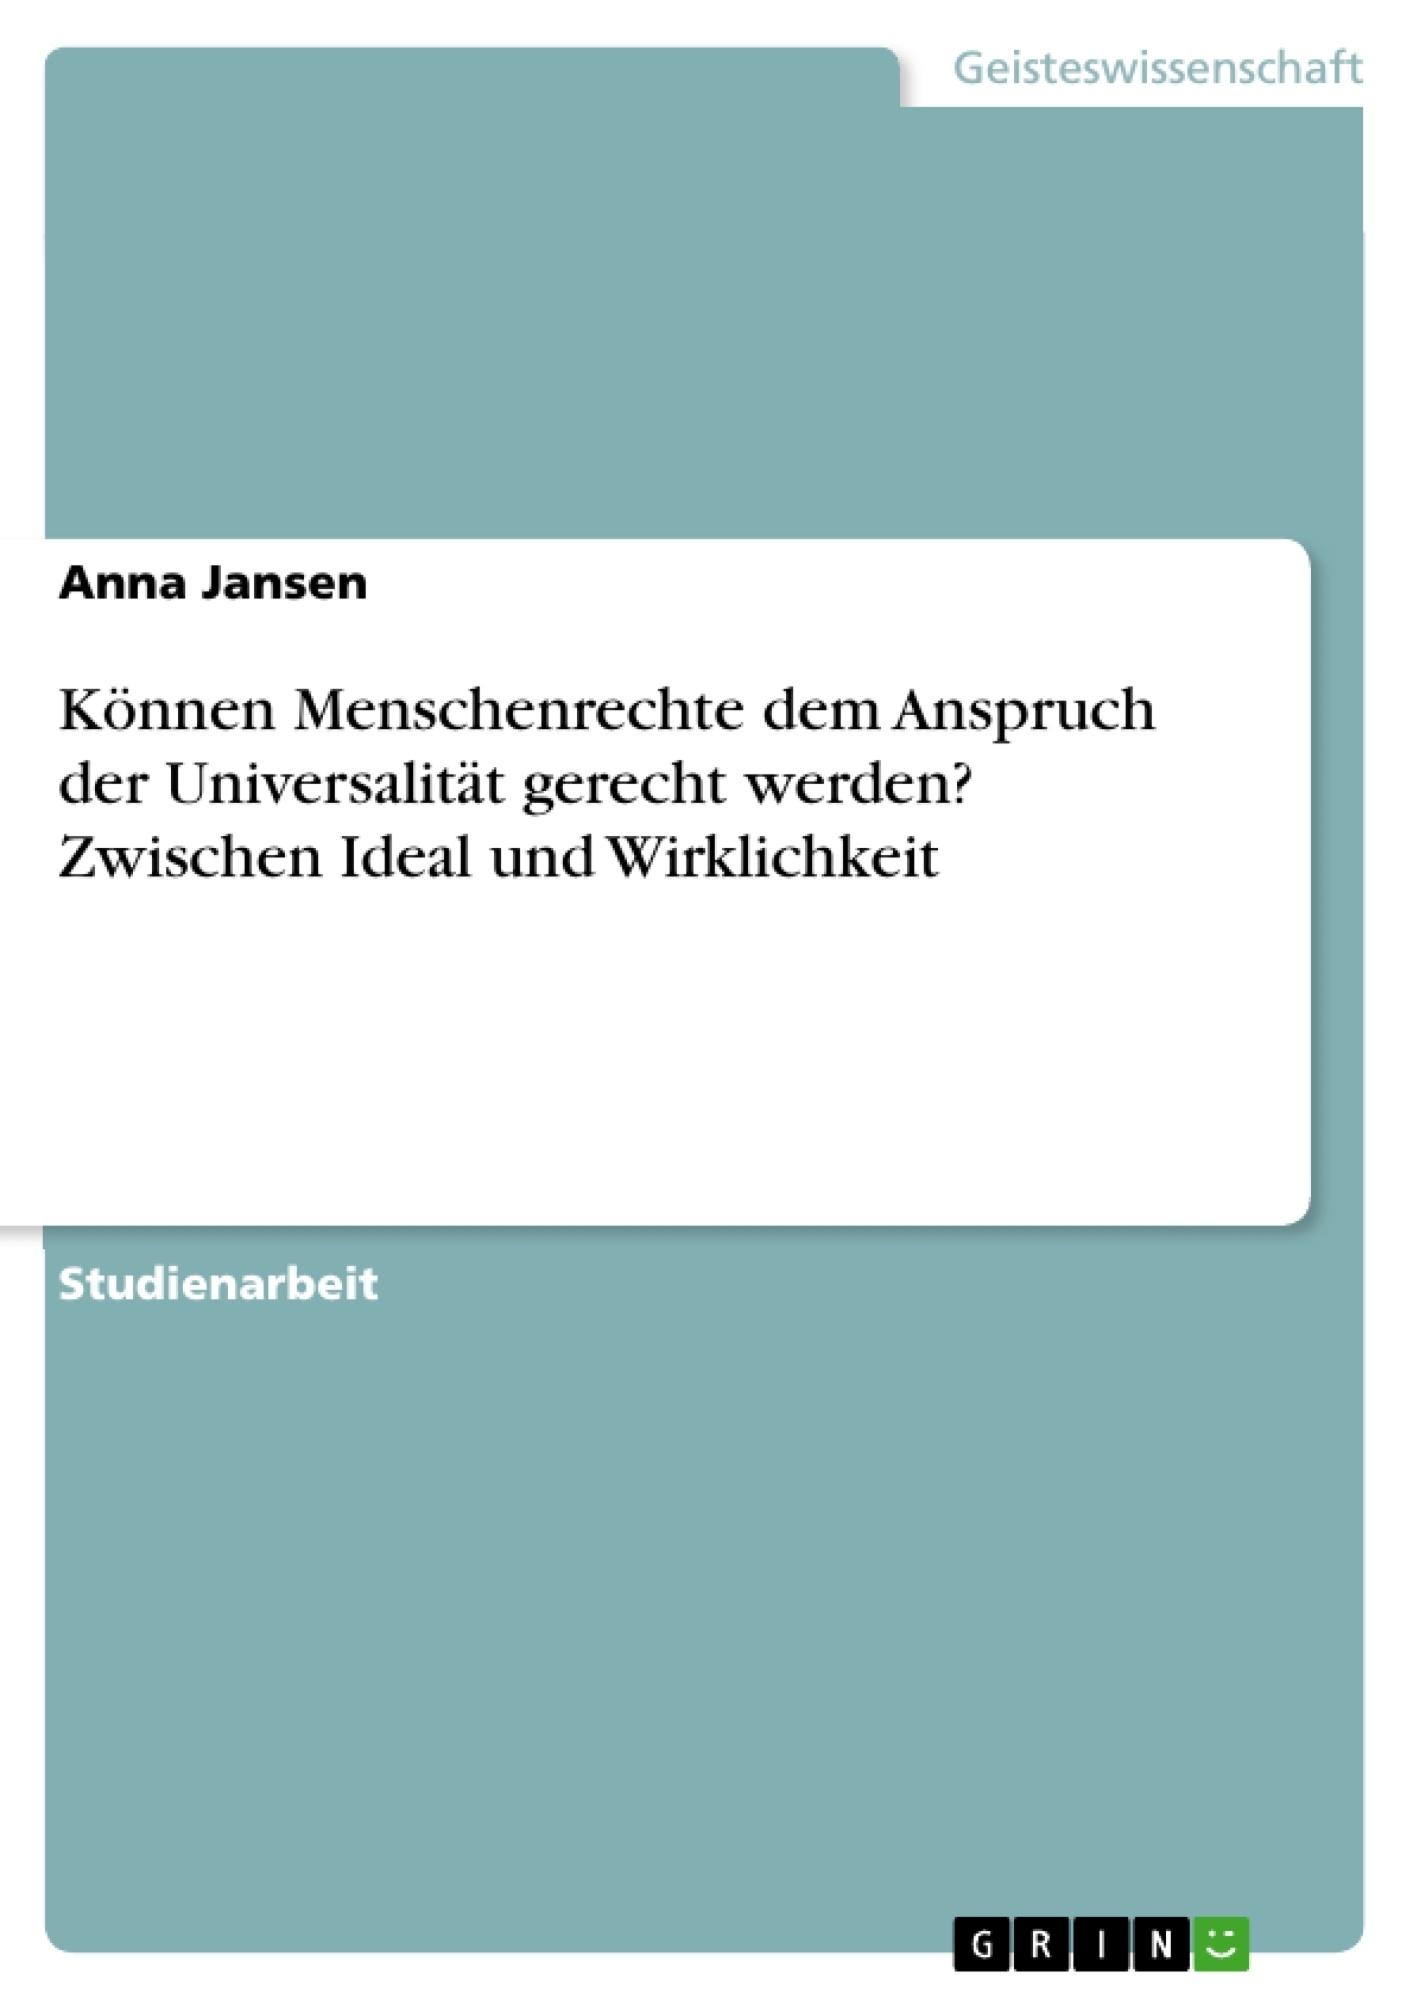 Titel: Können Menschenrechte dem Anspruch der Universalität gerecht werden? Zwischen Ideal und Wirklichkeit